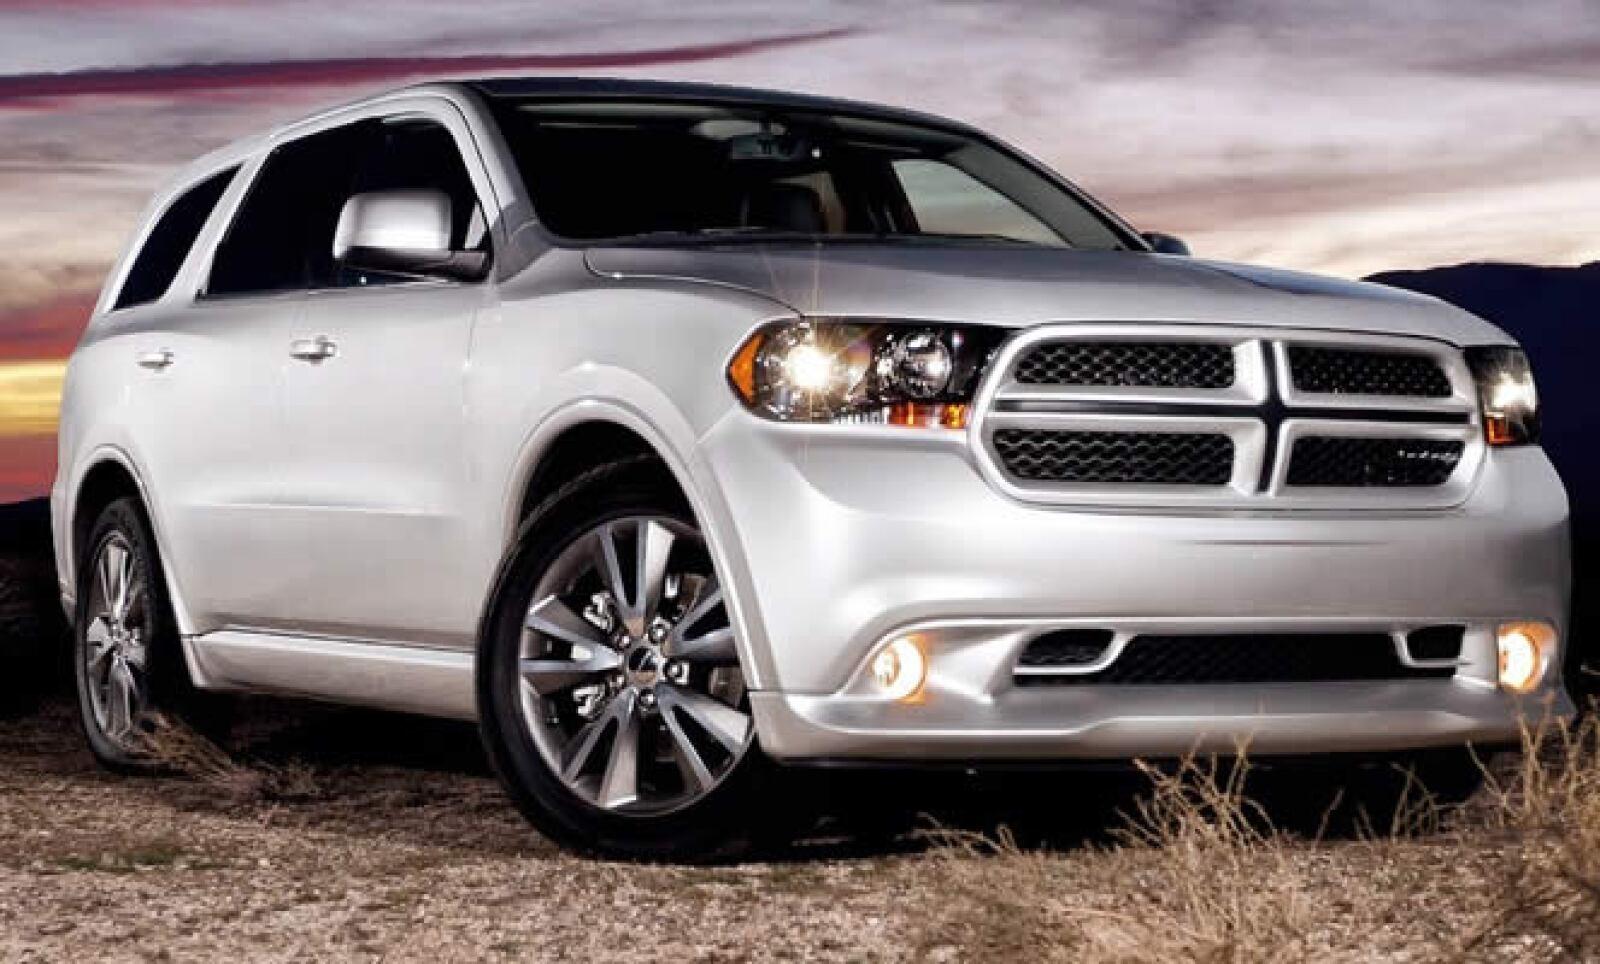 La nueva Durango posee un motor de 5.7 litros, capaz de ofrecer 360 caballos de fuerza, 25 más que su versión anterior. Estará disponible en el mes de abril en EU, por 35,465 dólares.